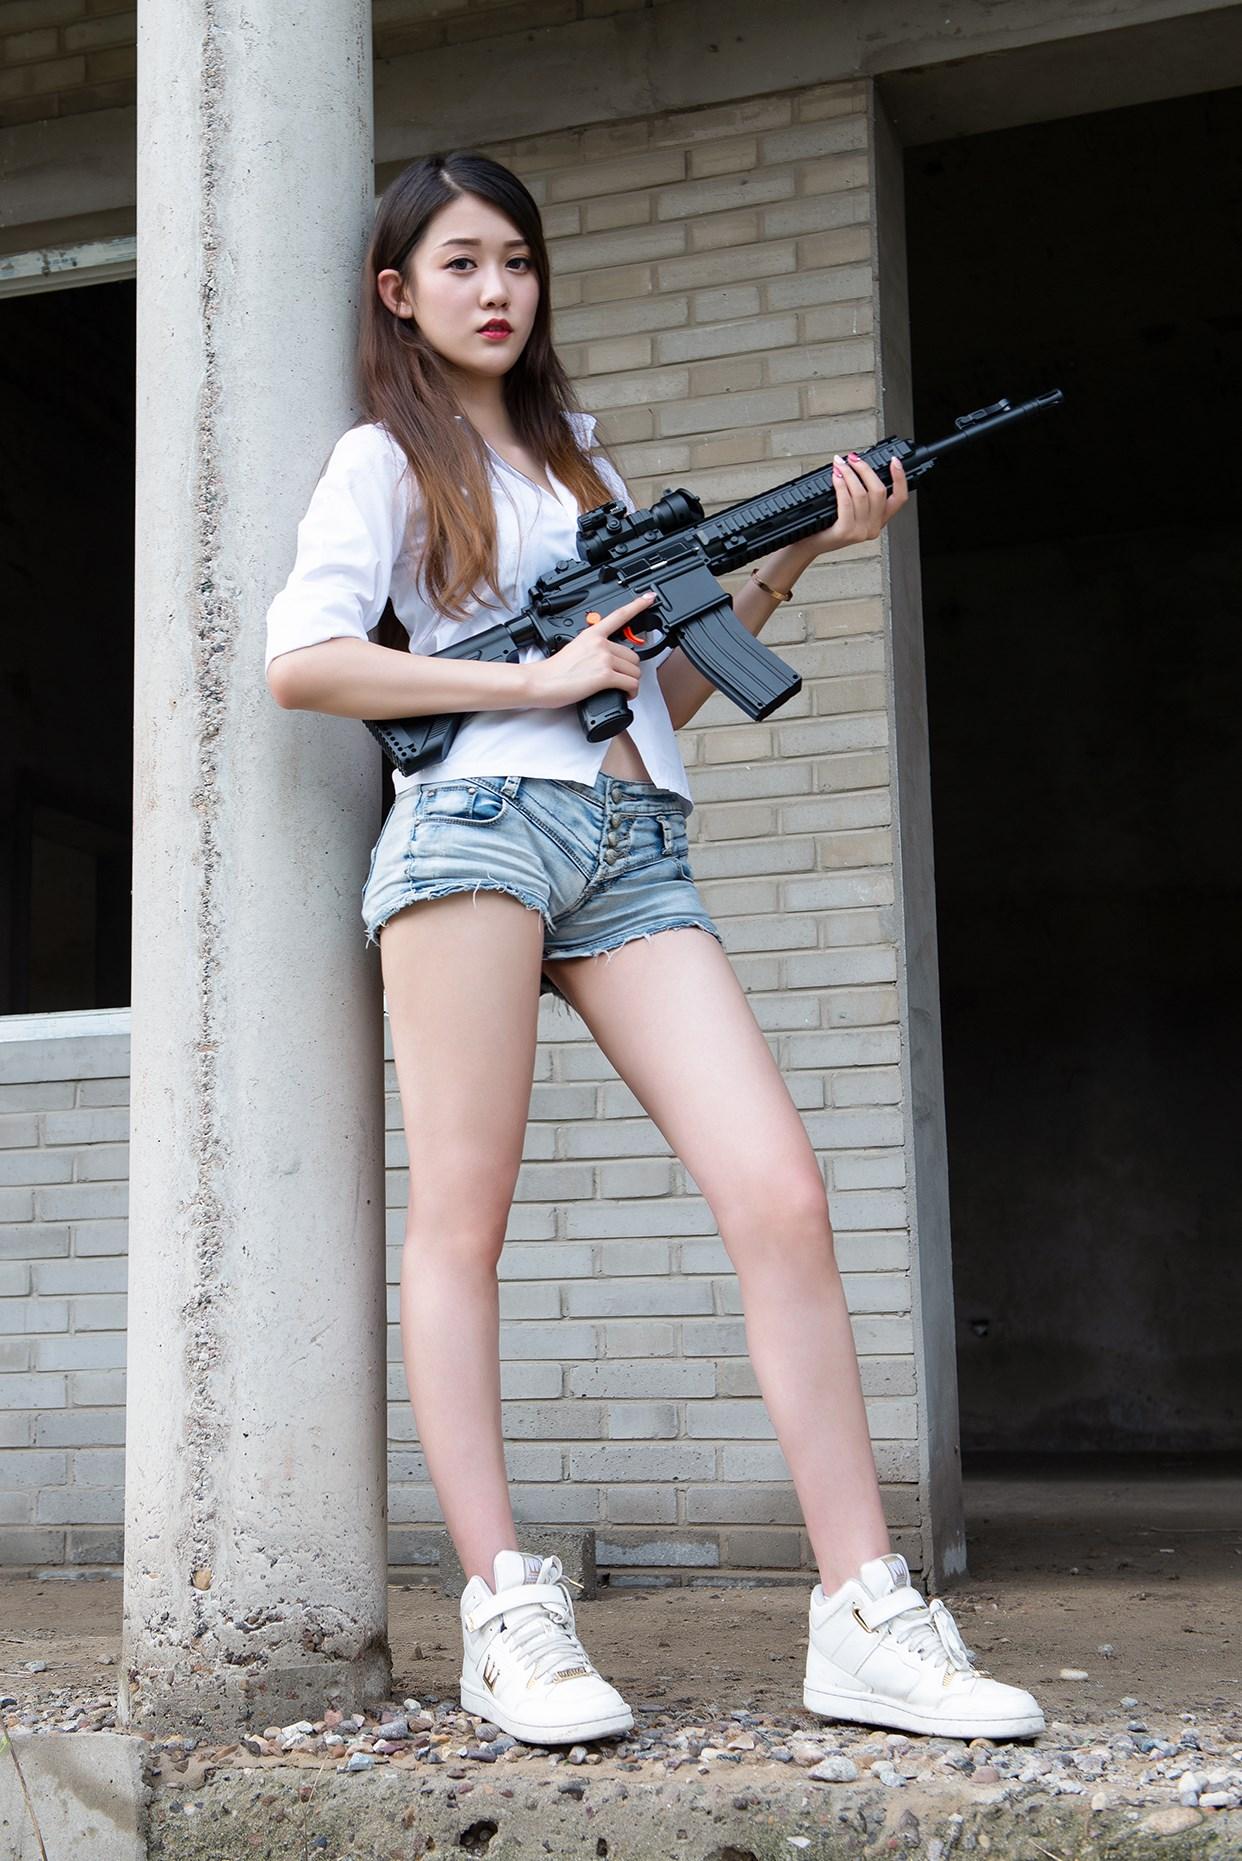 【兔玩映画】狙击少女 兔玩映画 第27张